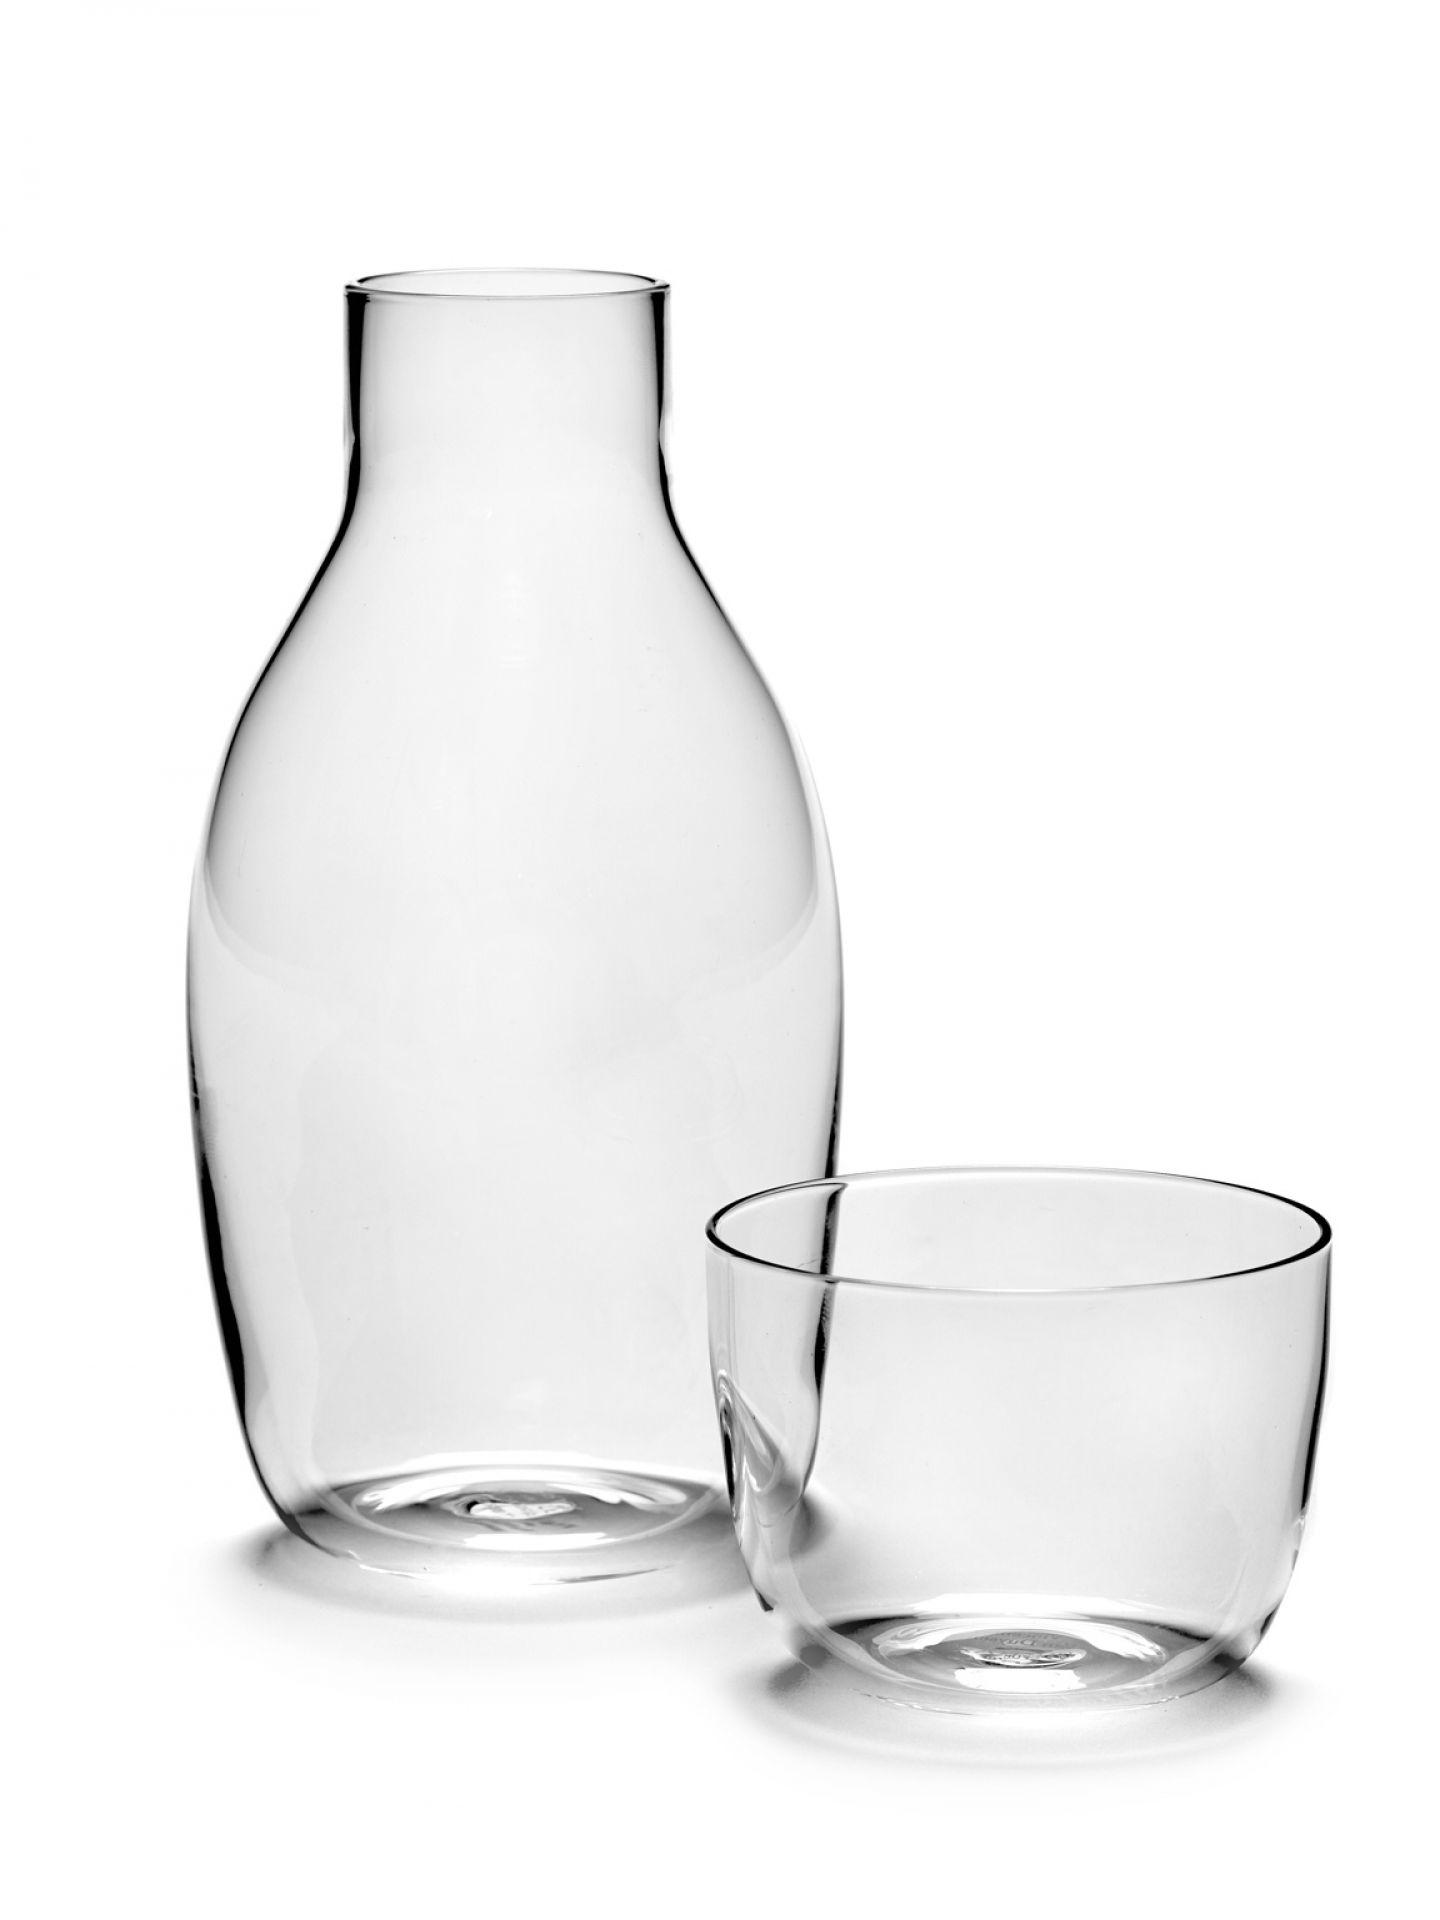 VVD Carafe avec verre Serax